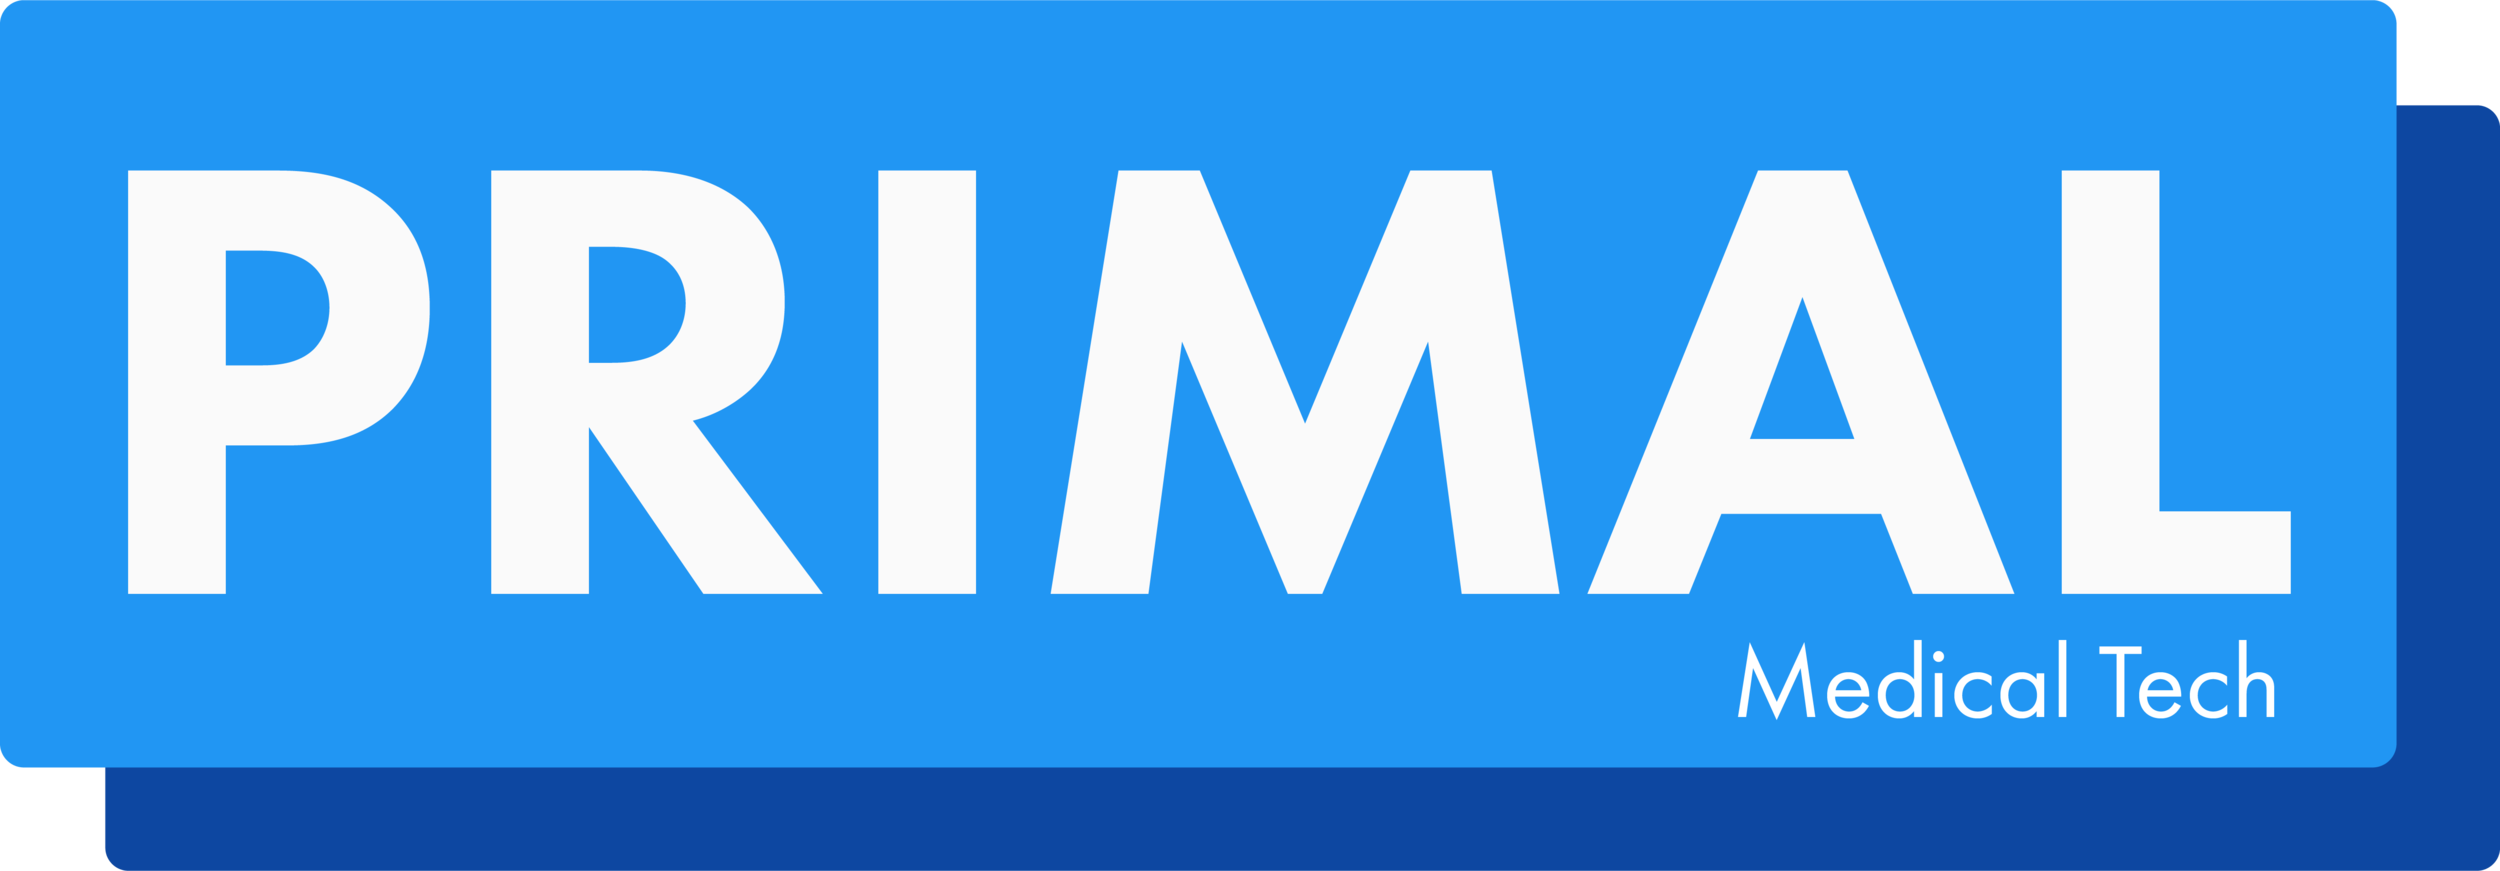 Primal med tech logo 1.png